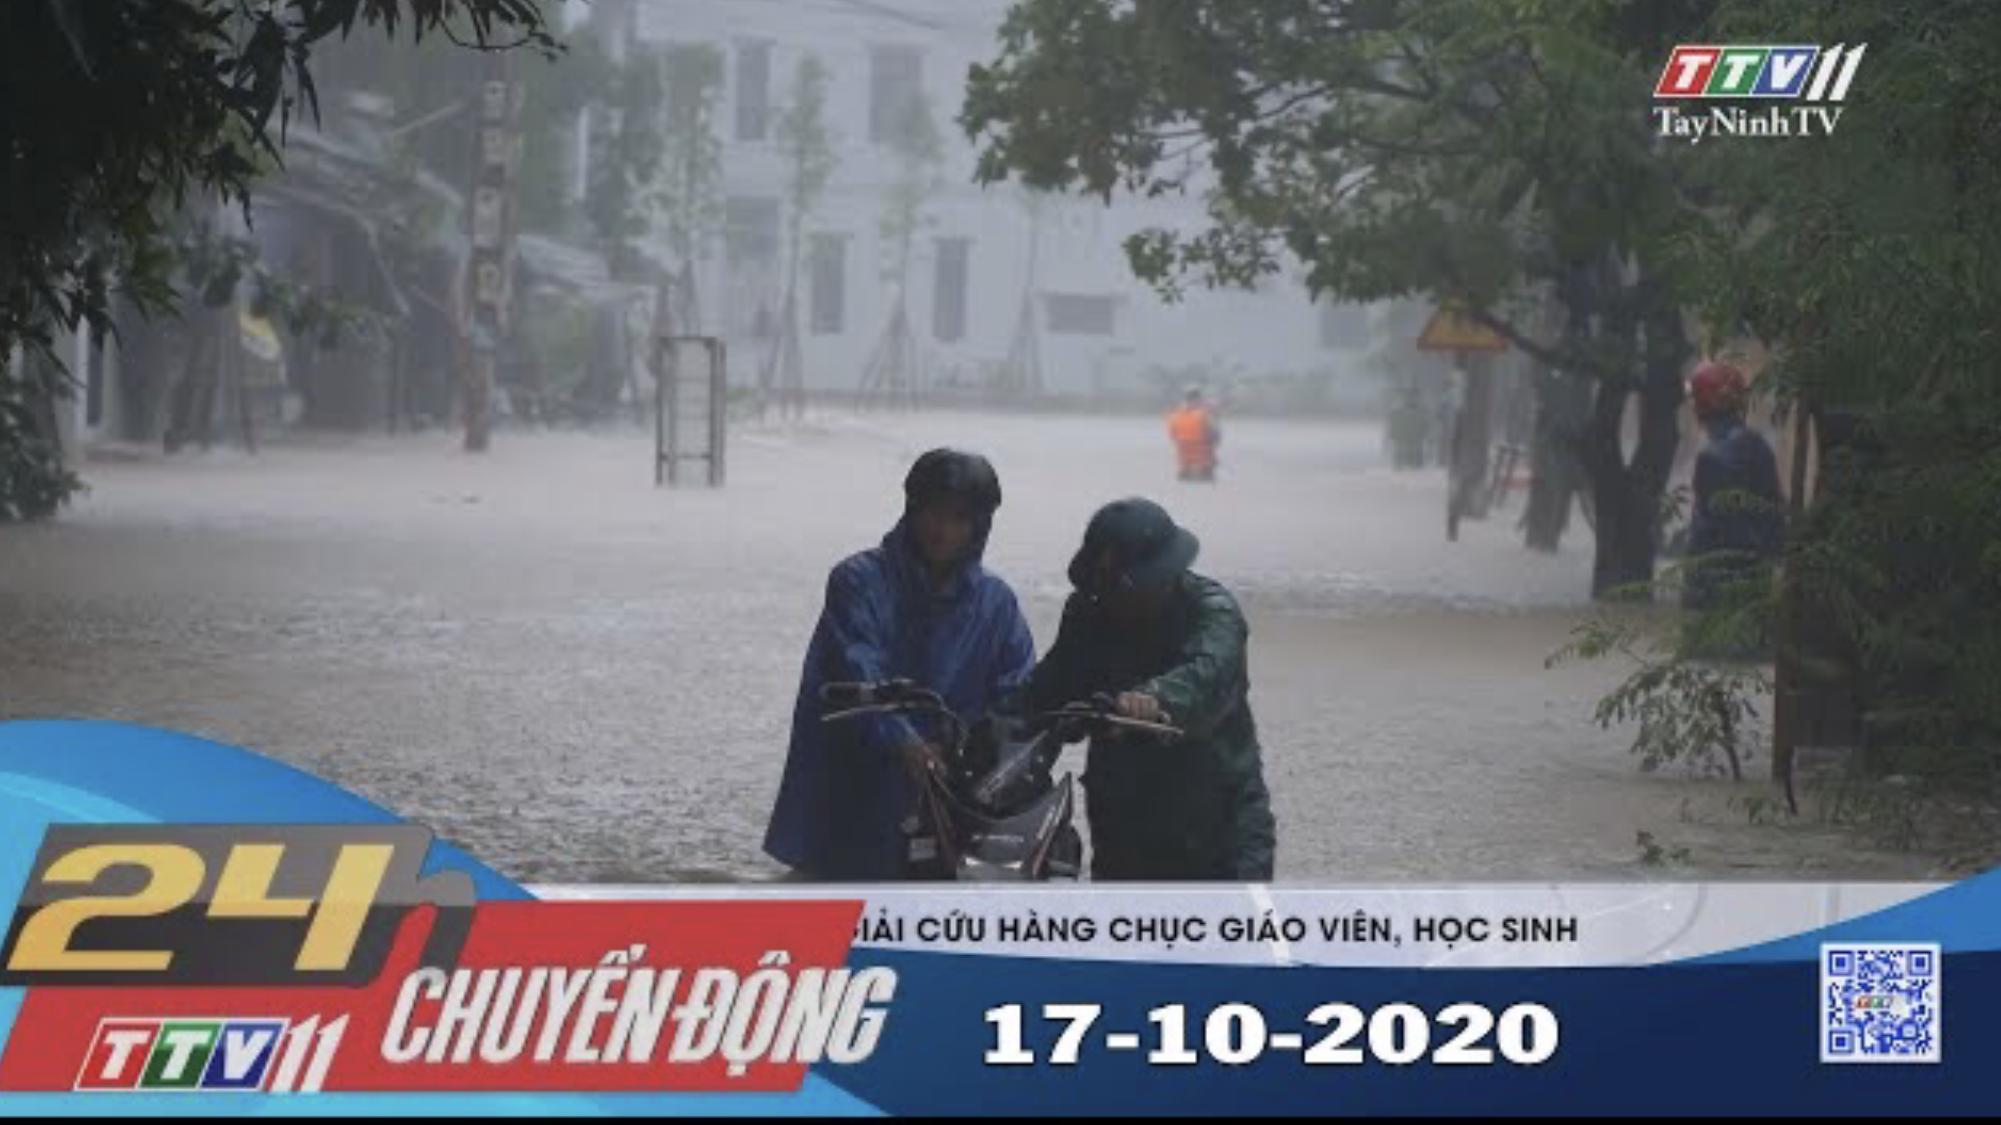 24h Chuyển động 17-10-2020 | Tin tức hôm nay | TayNinhTV